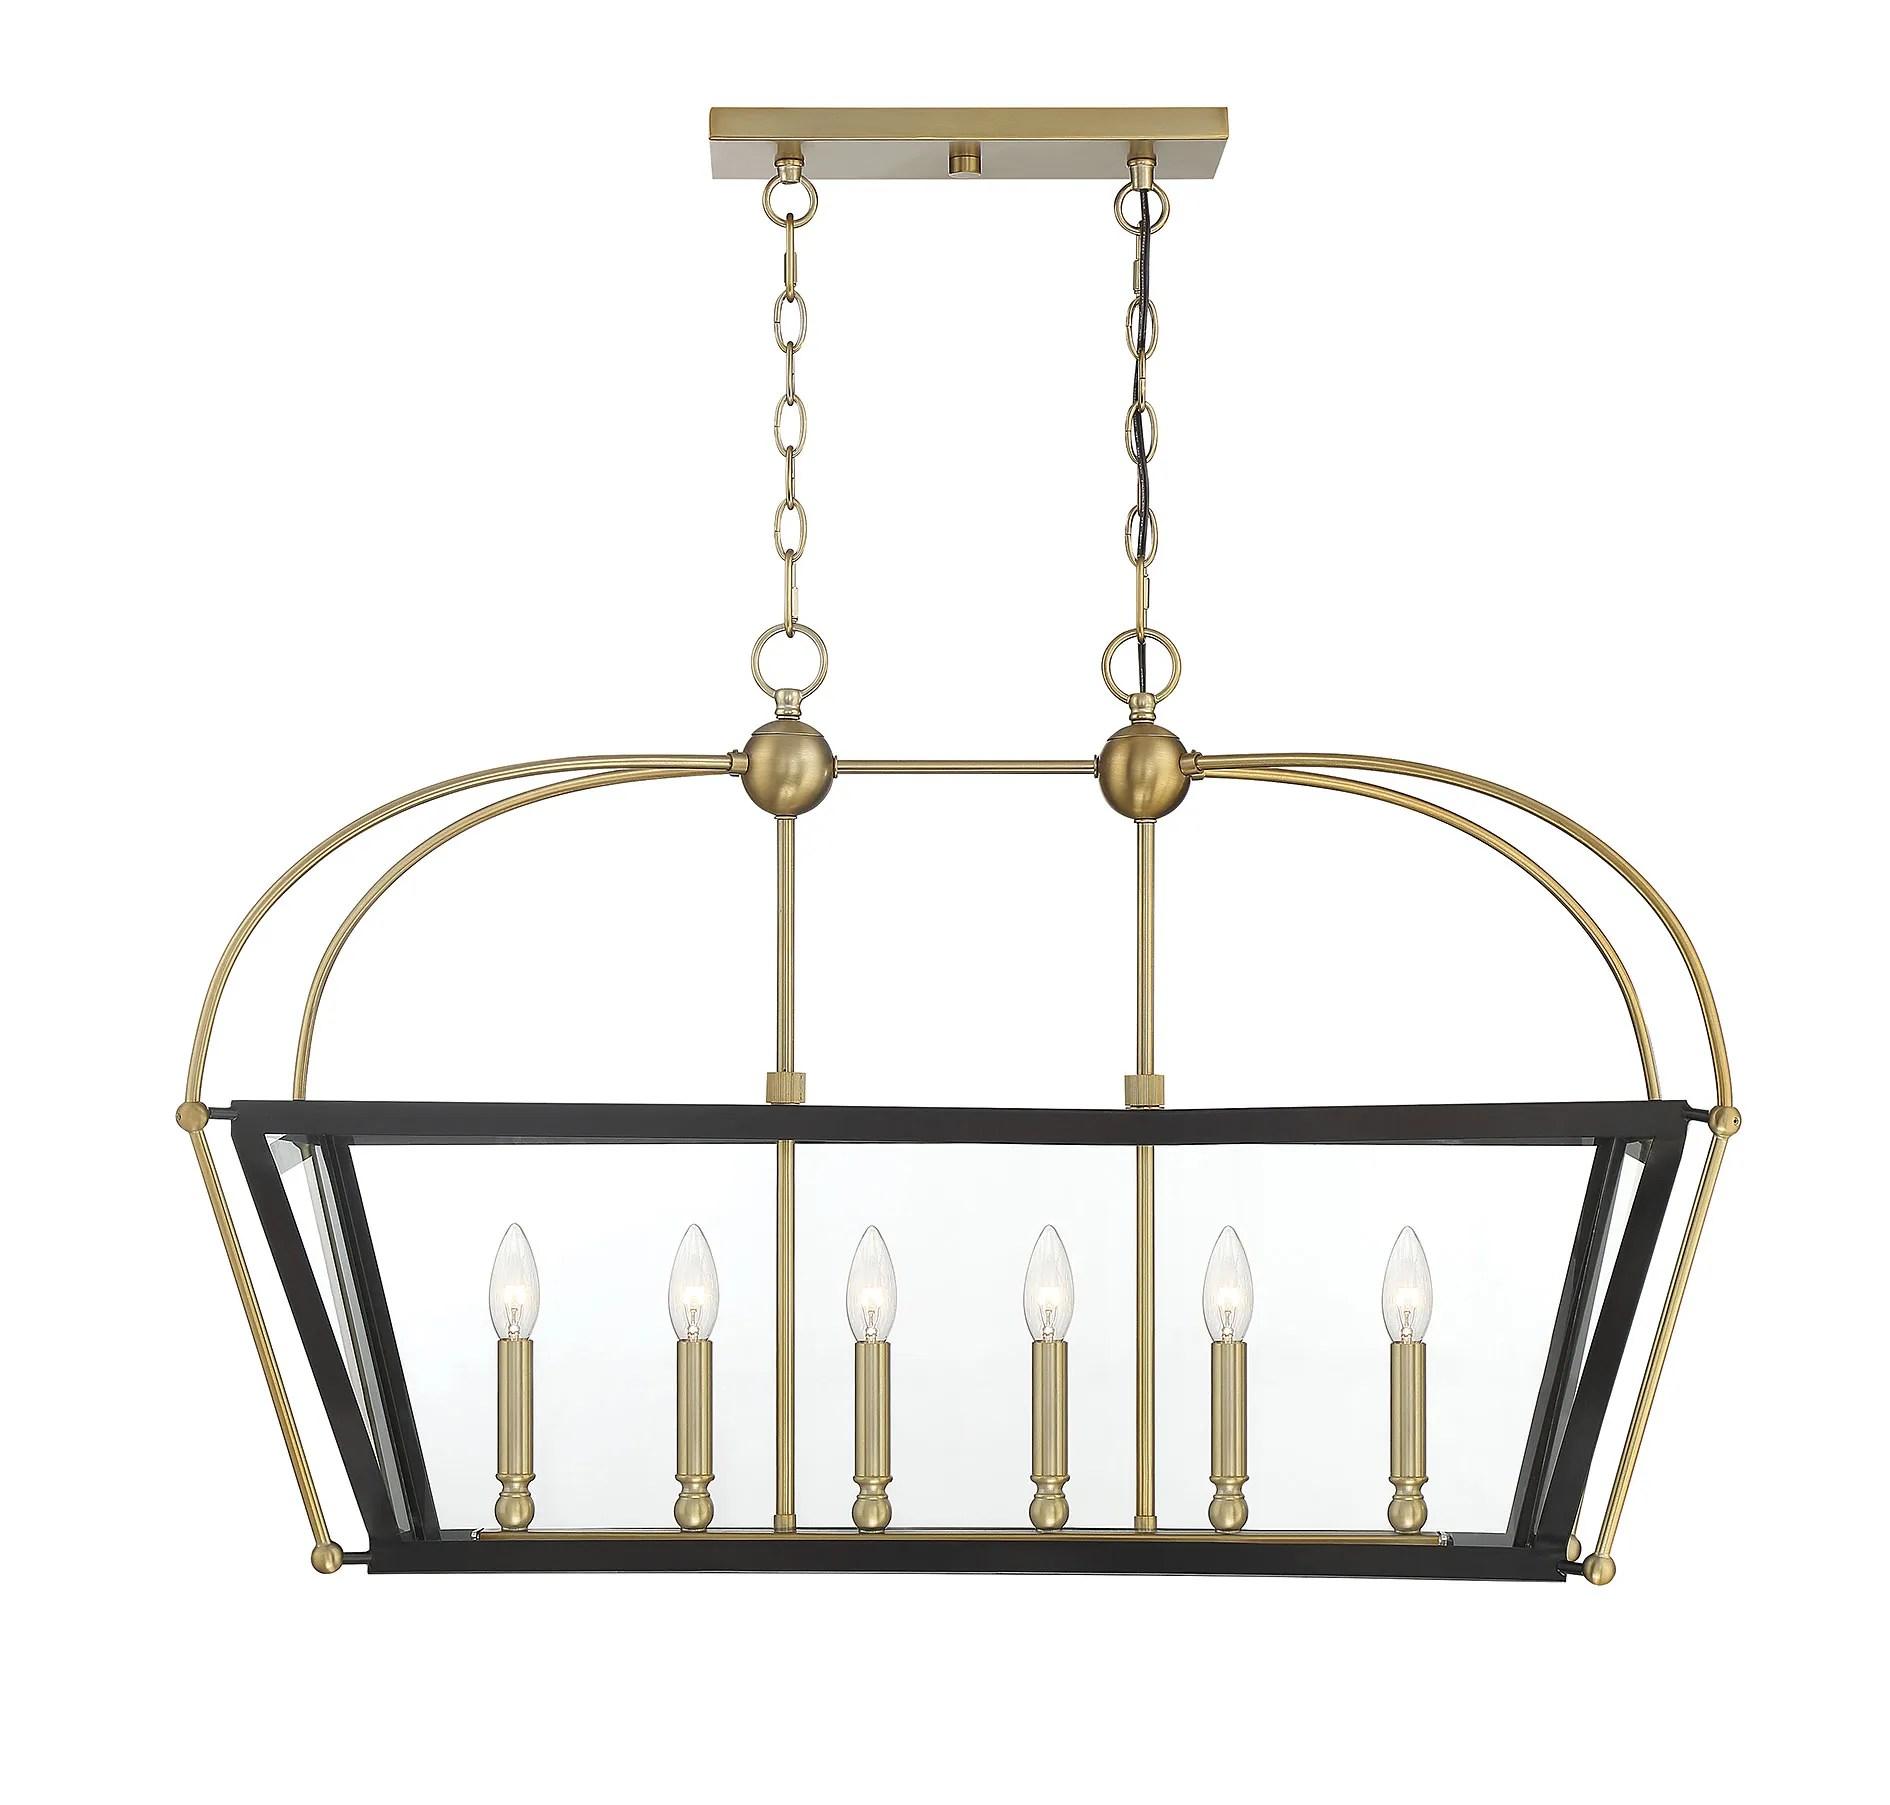 savoy house dunbar 6 light chandelier in english bronze and warm brass